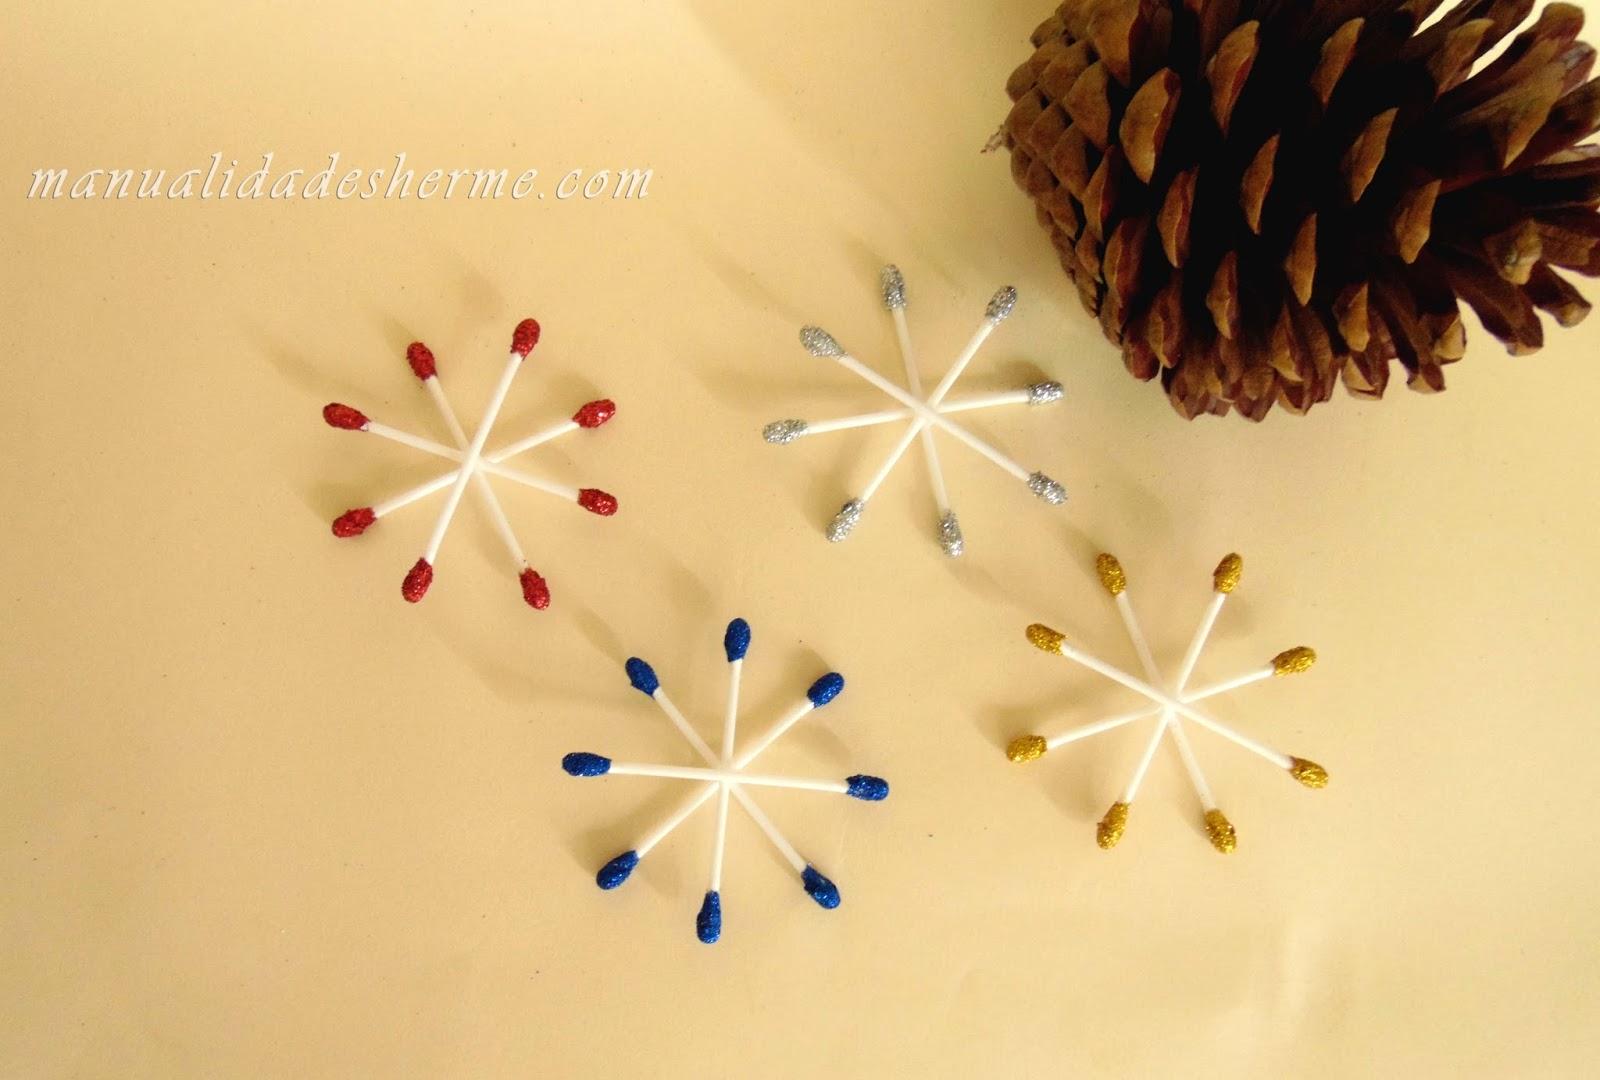 Manualidades herme hacer estrellas de navidad con bastoncitos - Como hacer estrellas de navidad ...